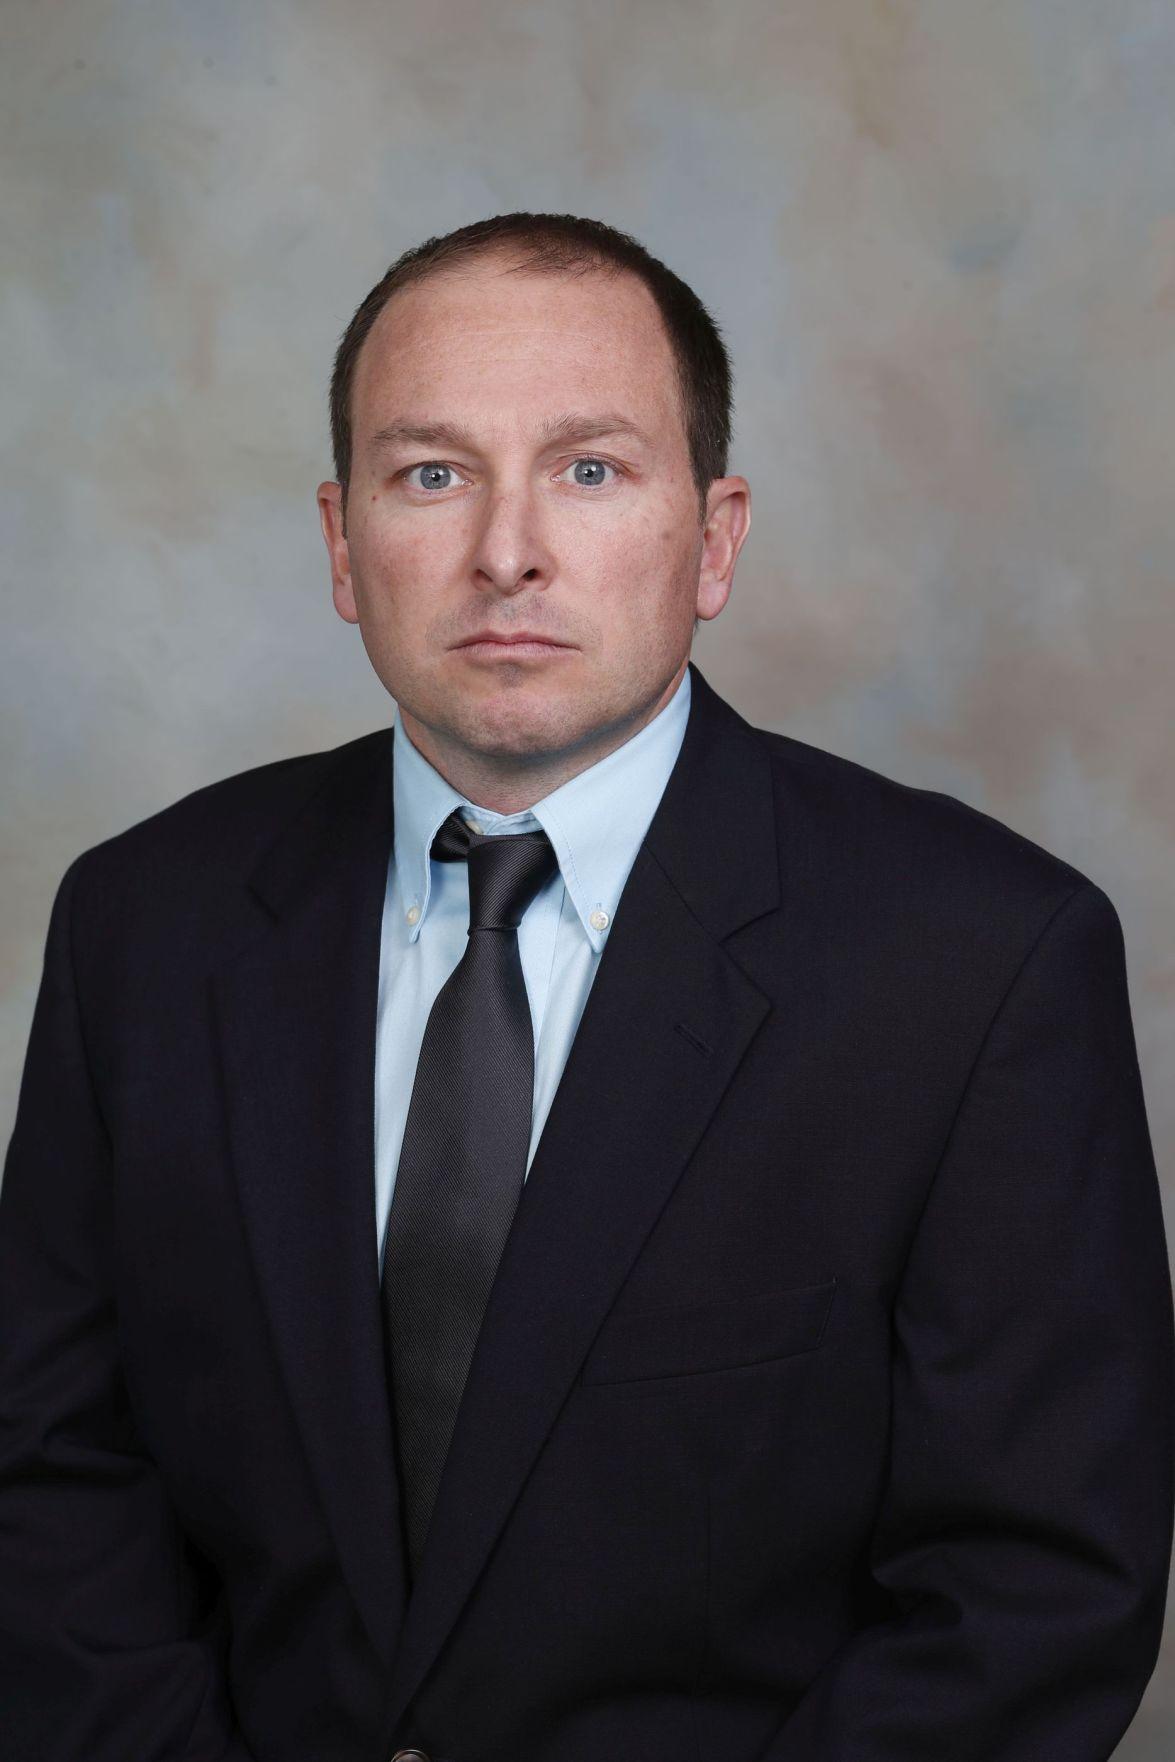 Citadel names Harrell defensive coordinator